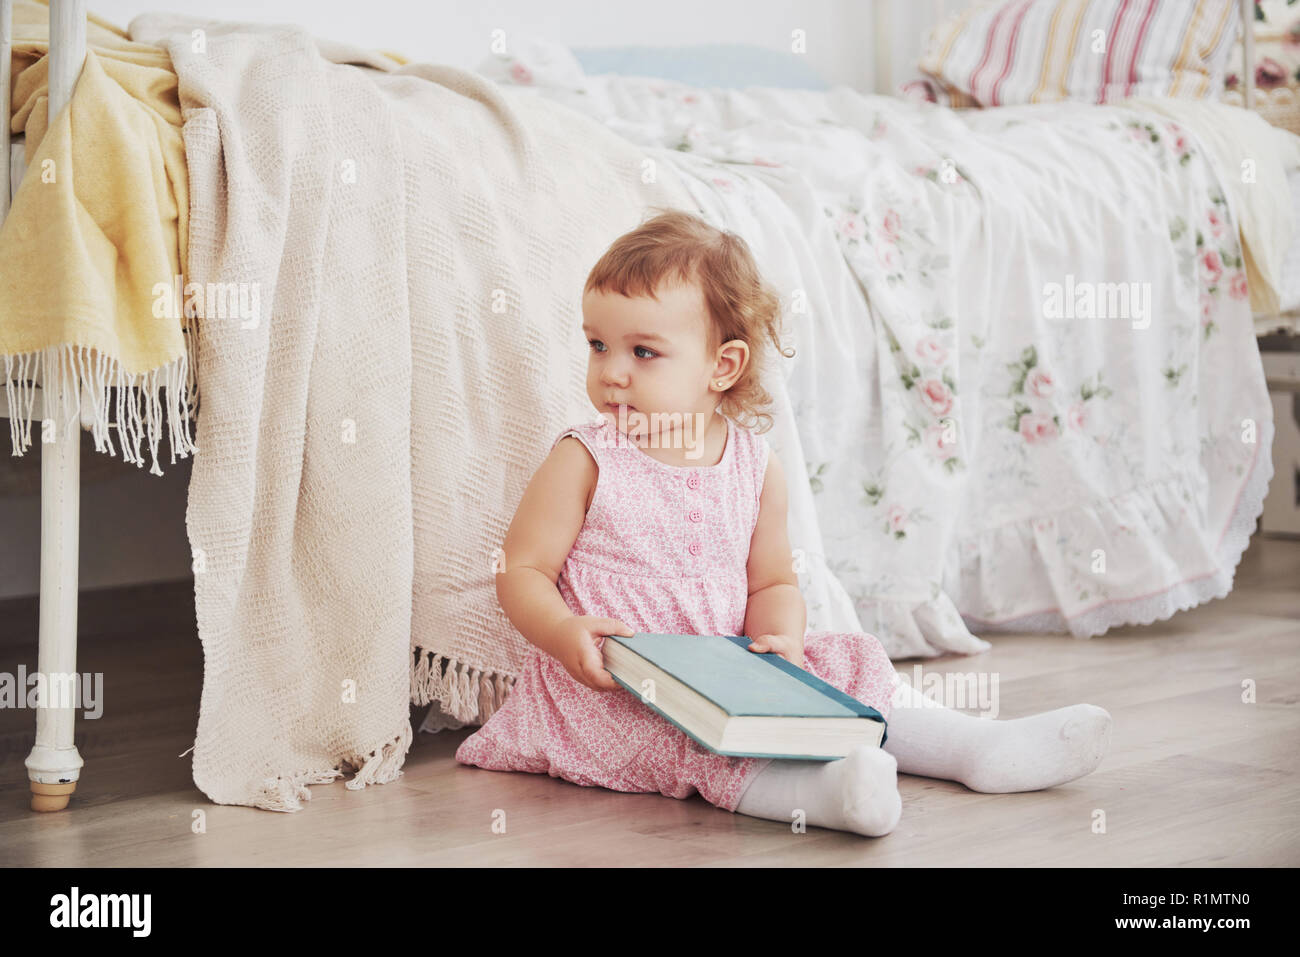 Wunderschöne Kleine Mädchen Spielen Spielzeug Blue Eyed Blond